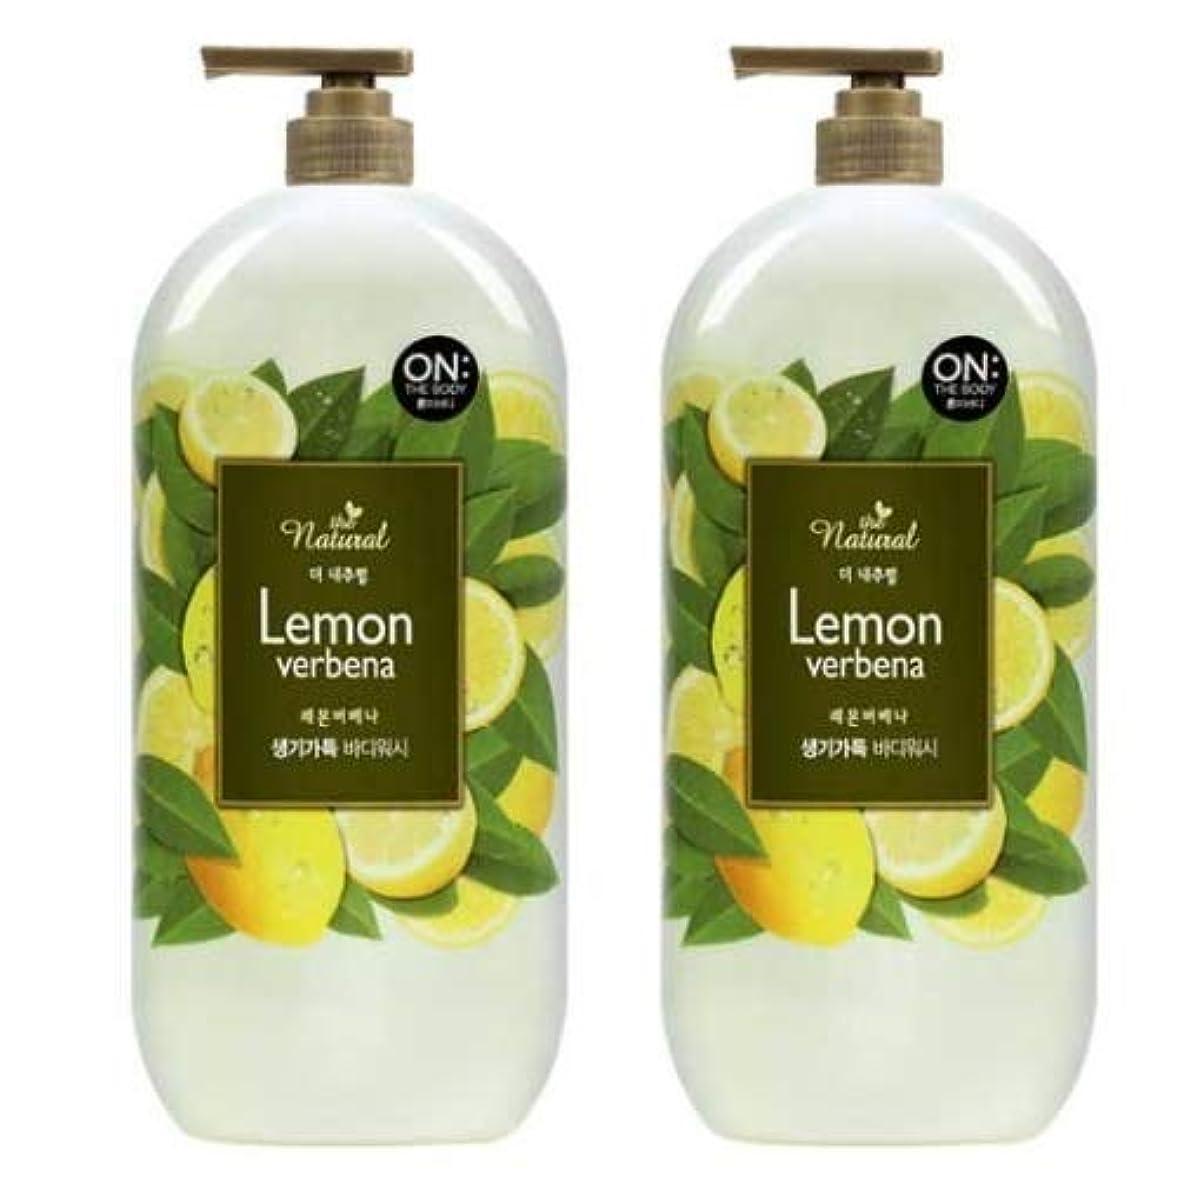 なんとなくパキスタン人遅らせる[LG HnB] On the Body The Natural Body Wash / オンザボディよりナチュラルウォッシュ900gx2個(海外直送品)